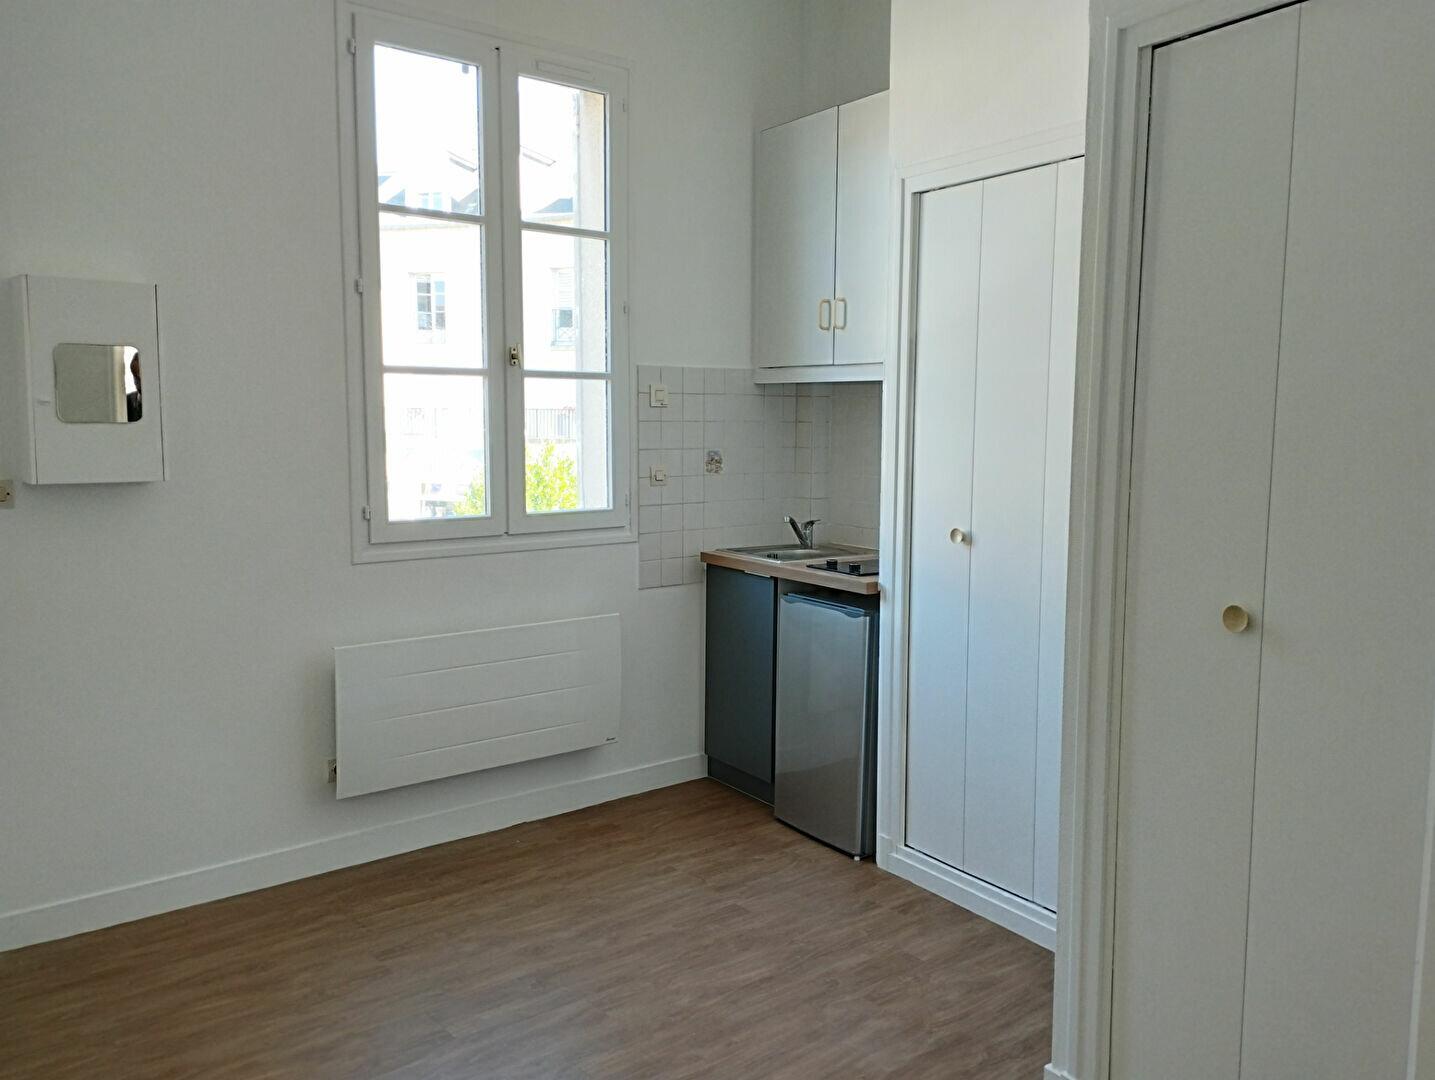 Appartement à louer 1 13.66m2 à Compiègne vignette-2